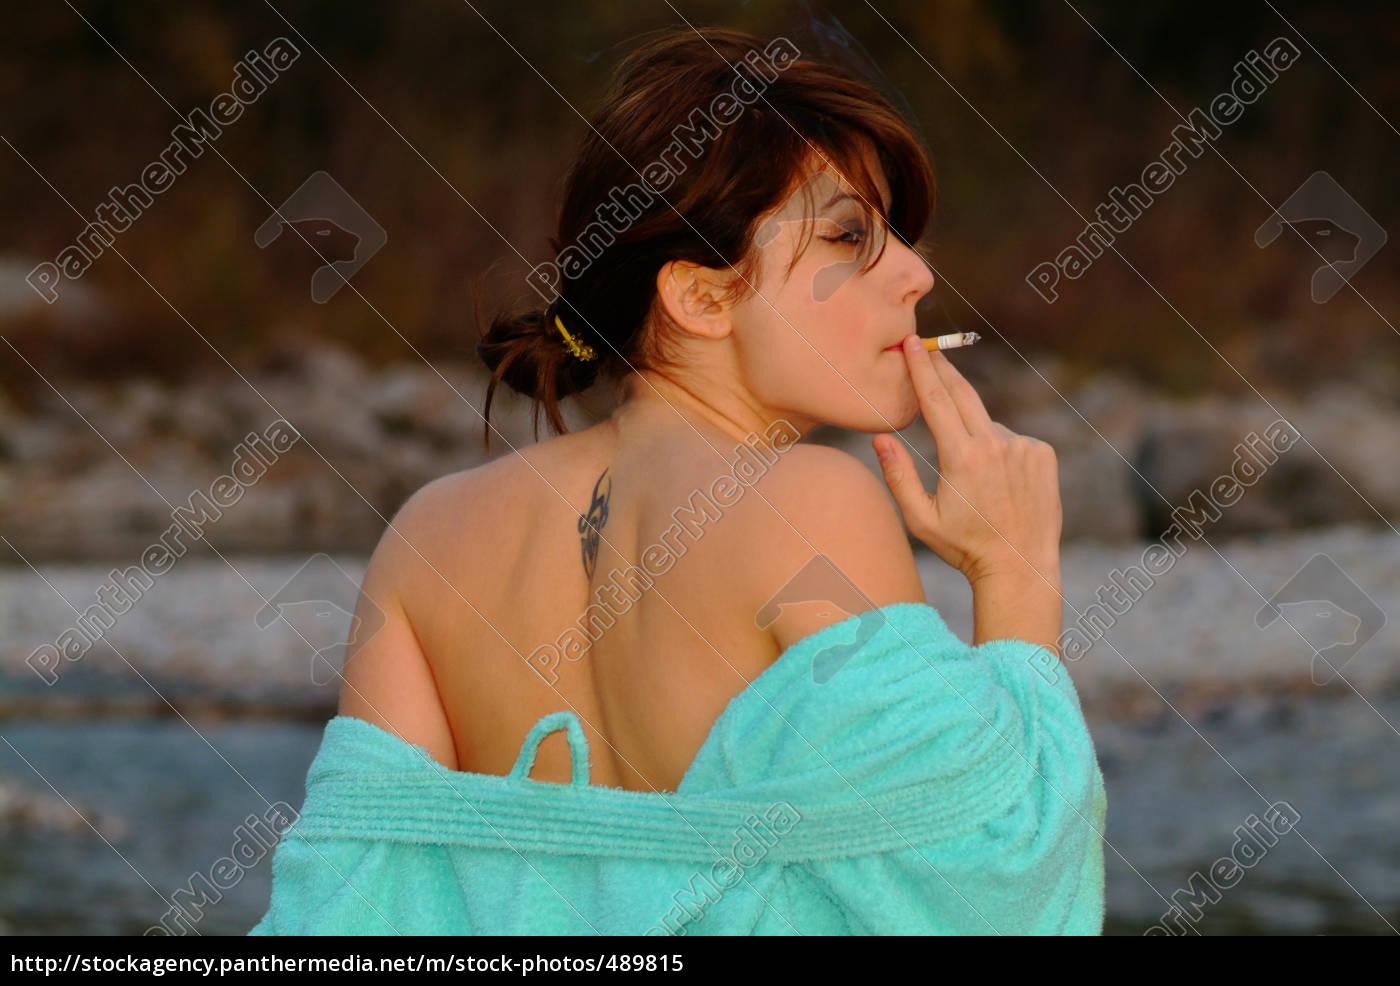 smoking, woman - 489815